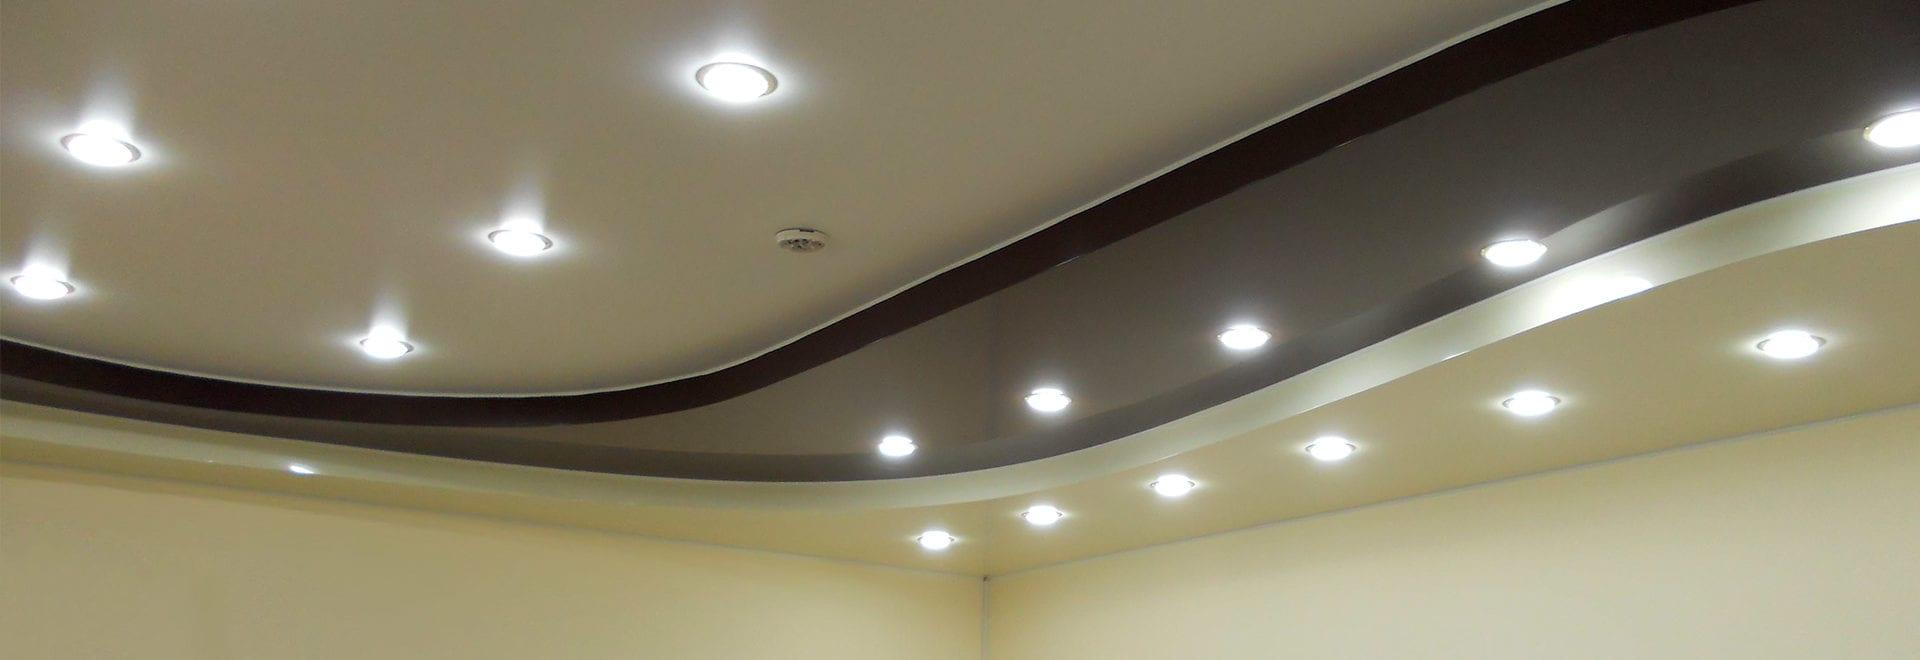 Новости Днепра про «Бик Каскад Плюс» – качественные и стильные натяжные потолки